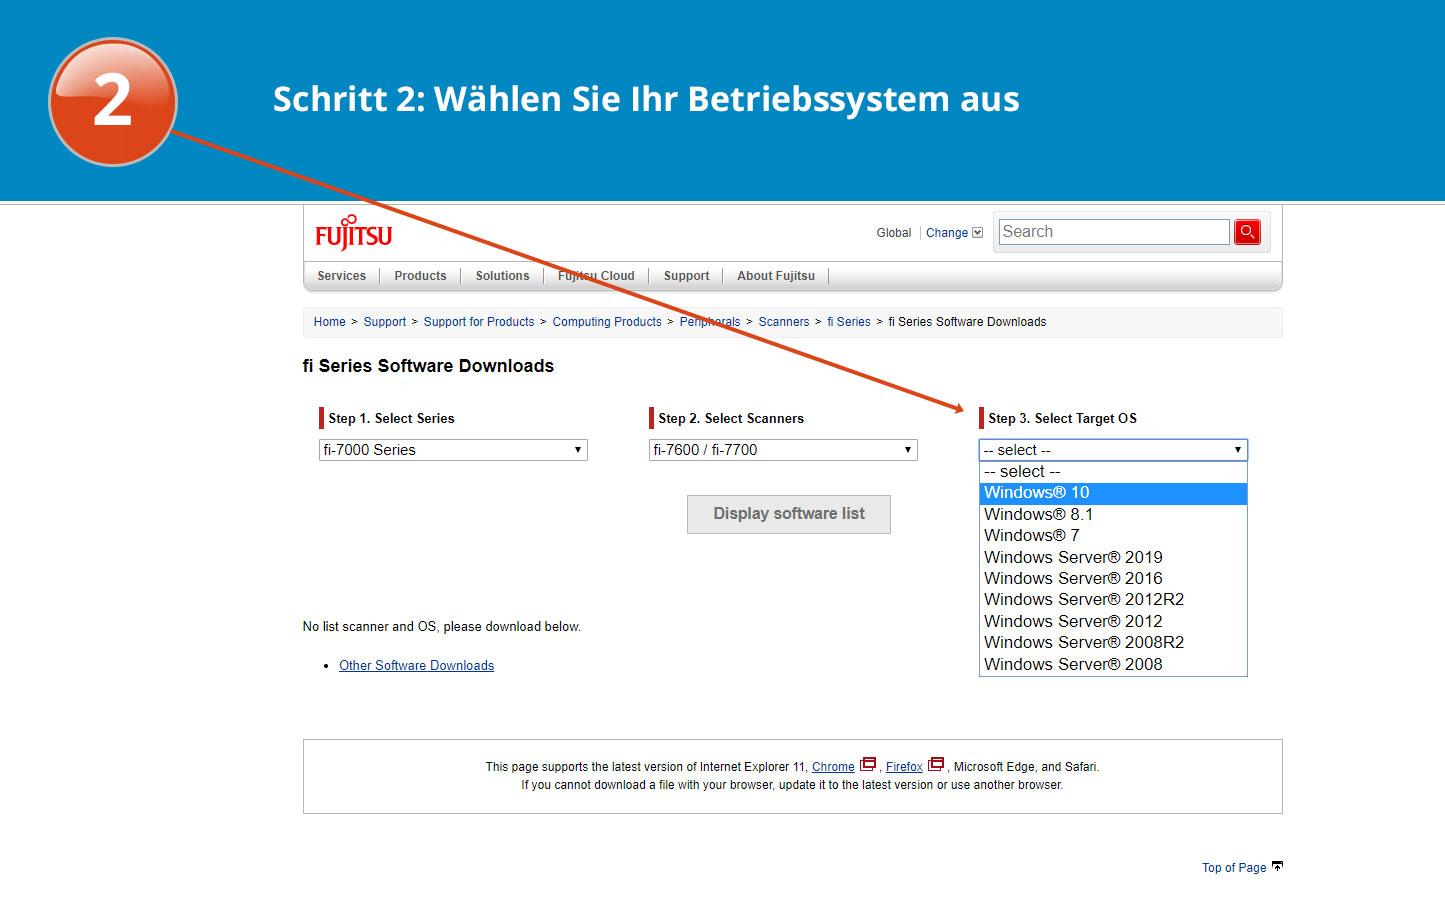 Software download für den fi-7600 Schritt 1 Anleitung